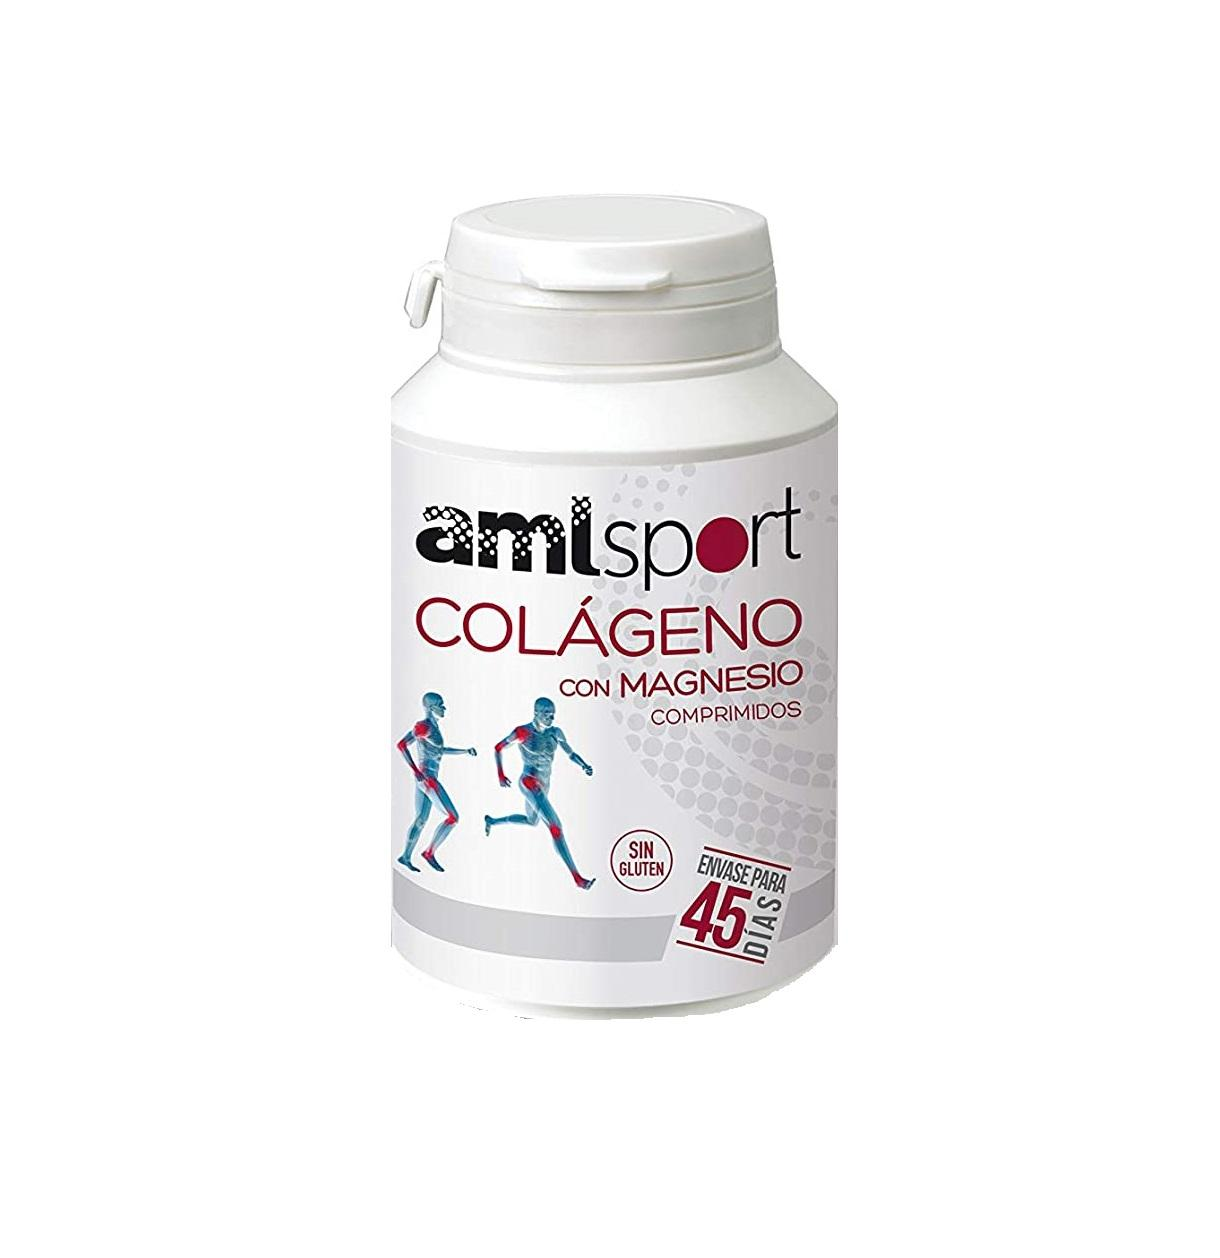 Colágeno con Magnesio